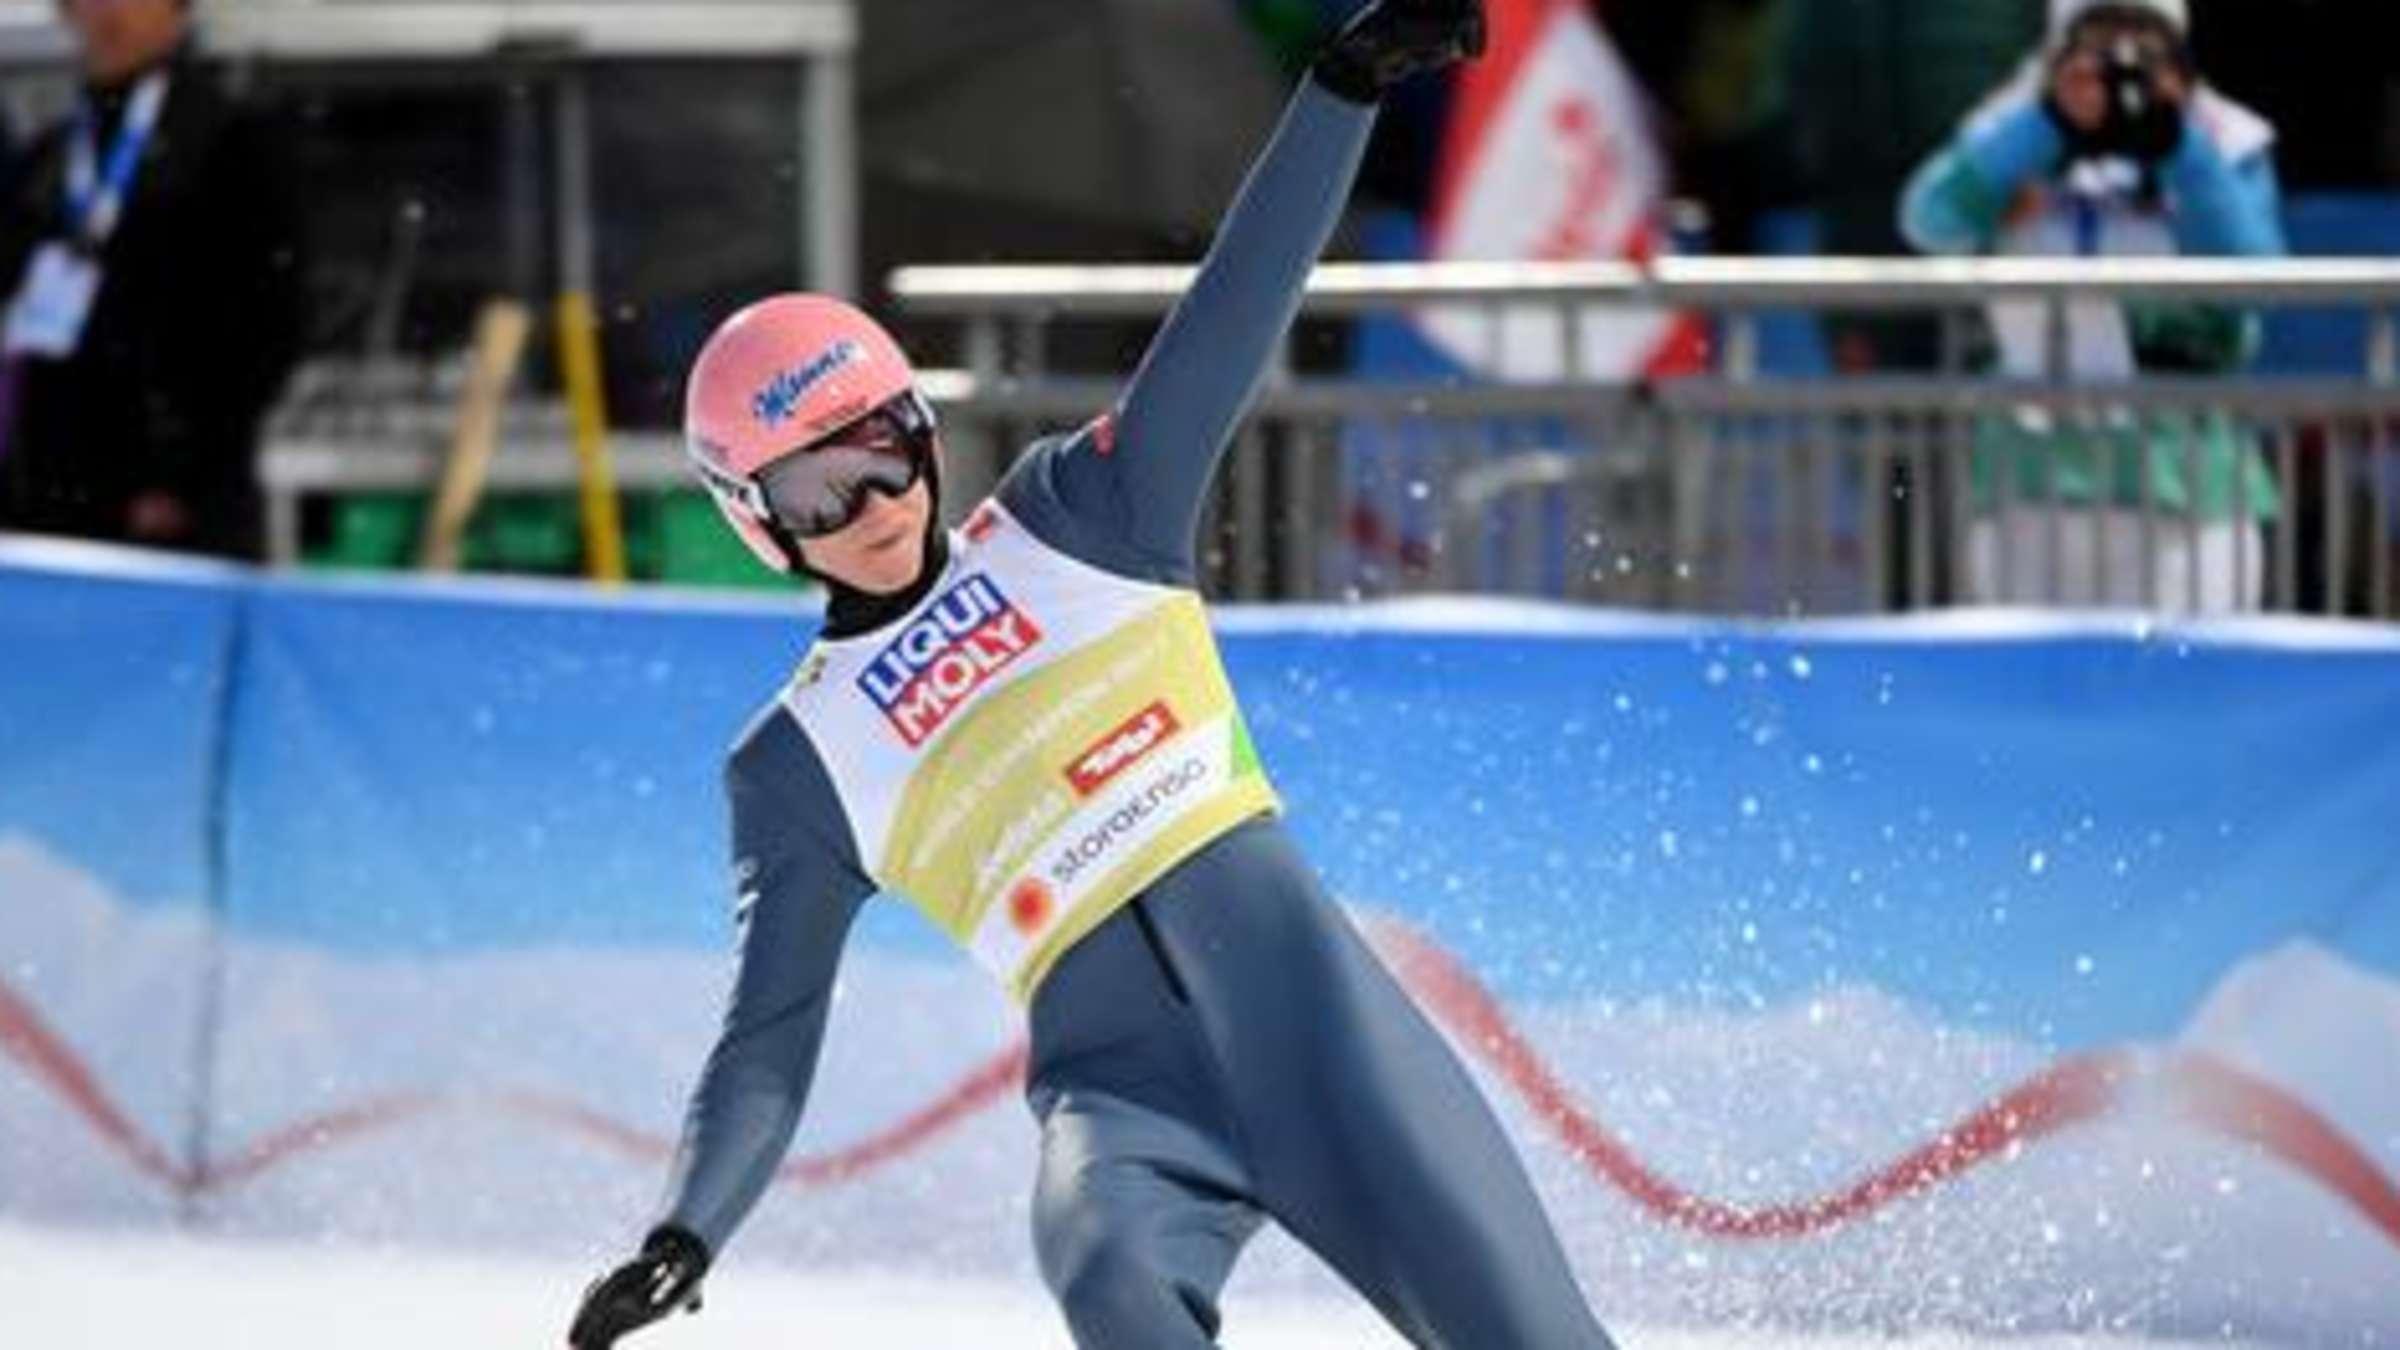 wer hat heute das skispringen gewonnen